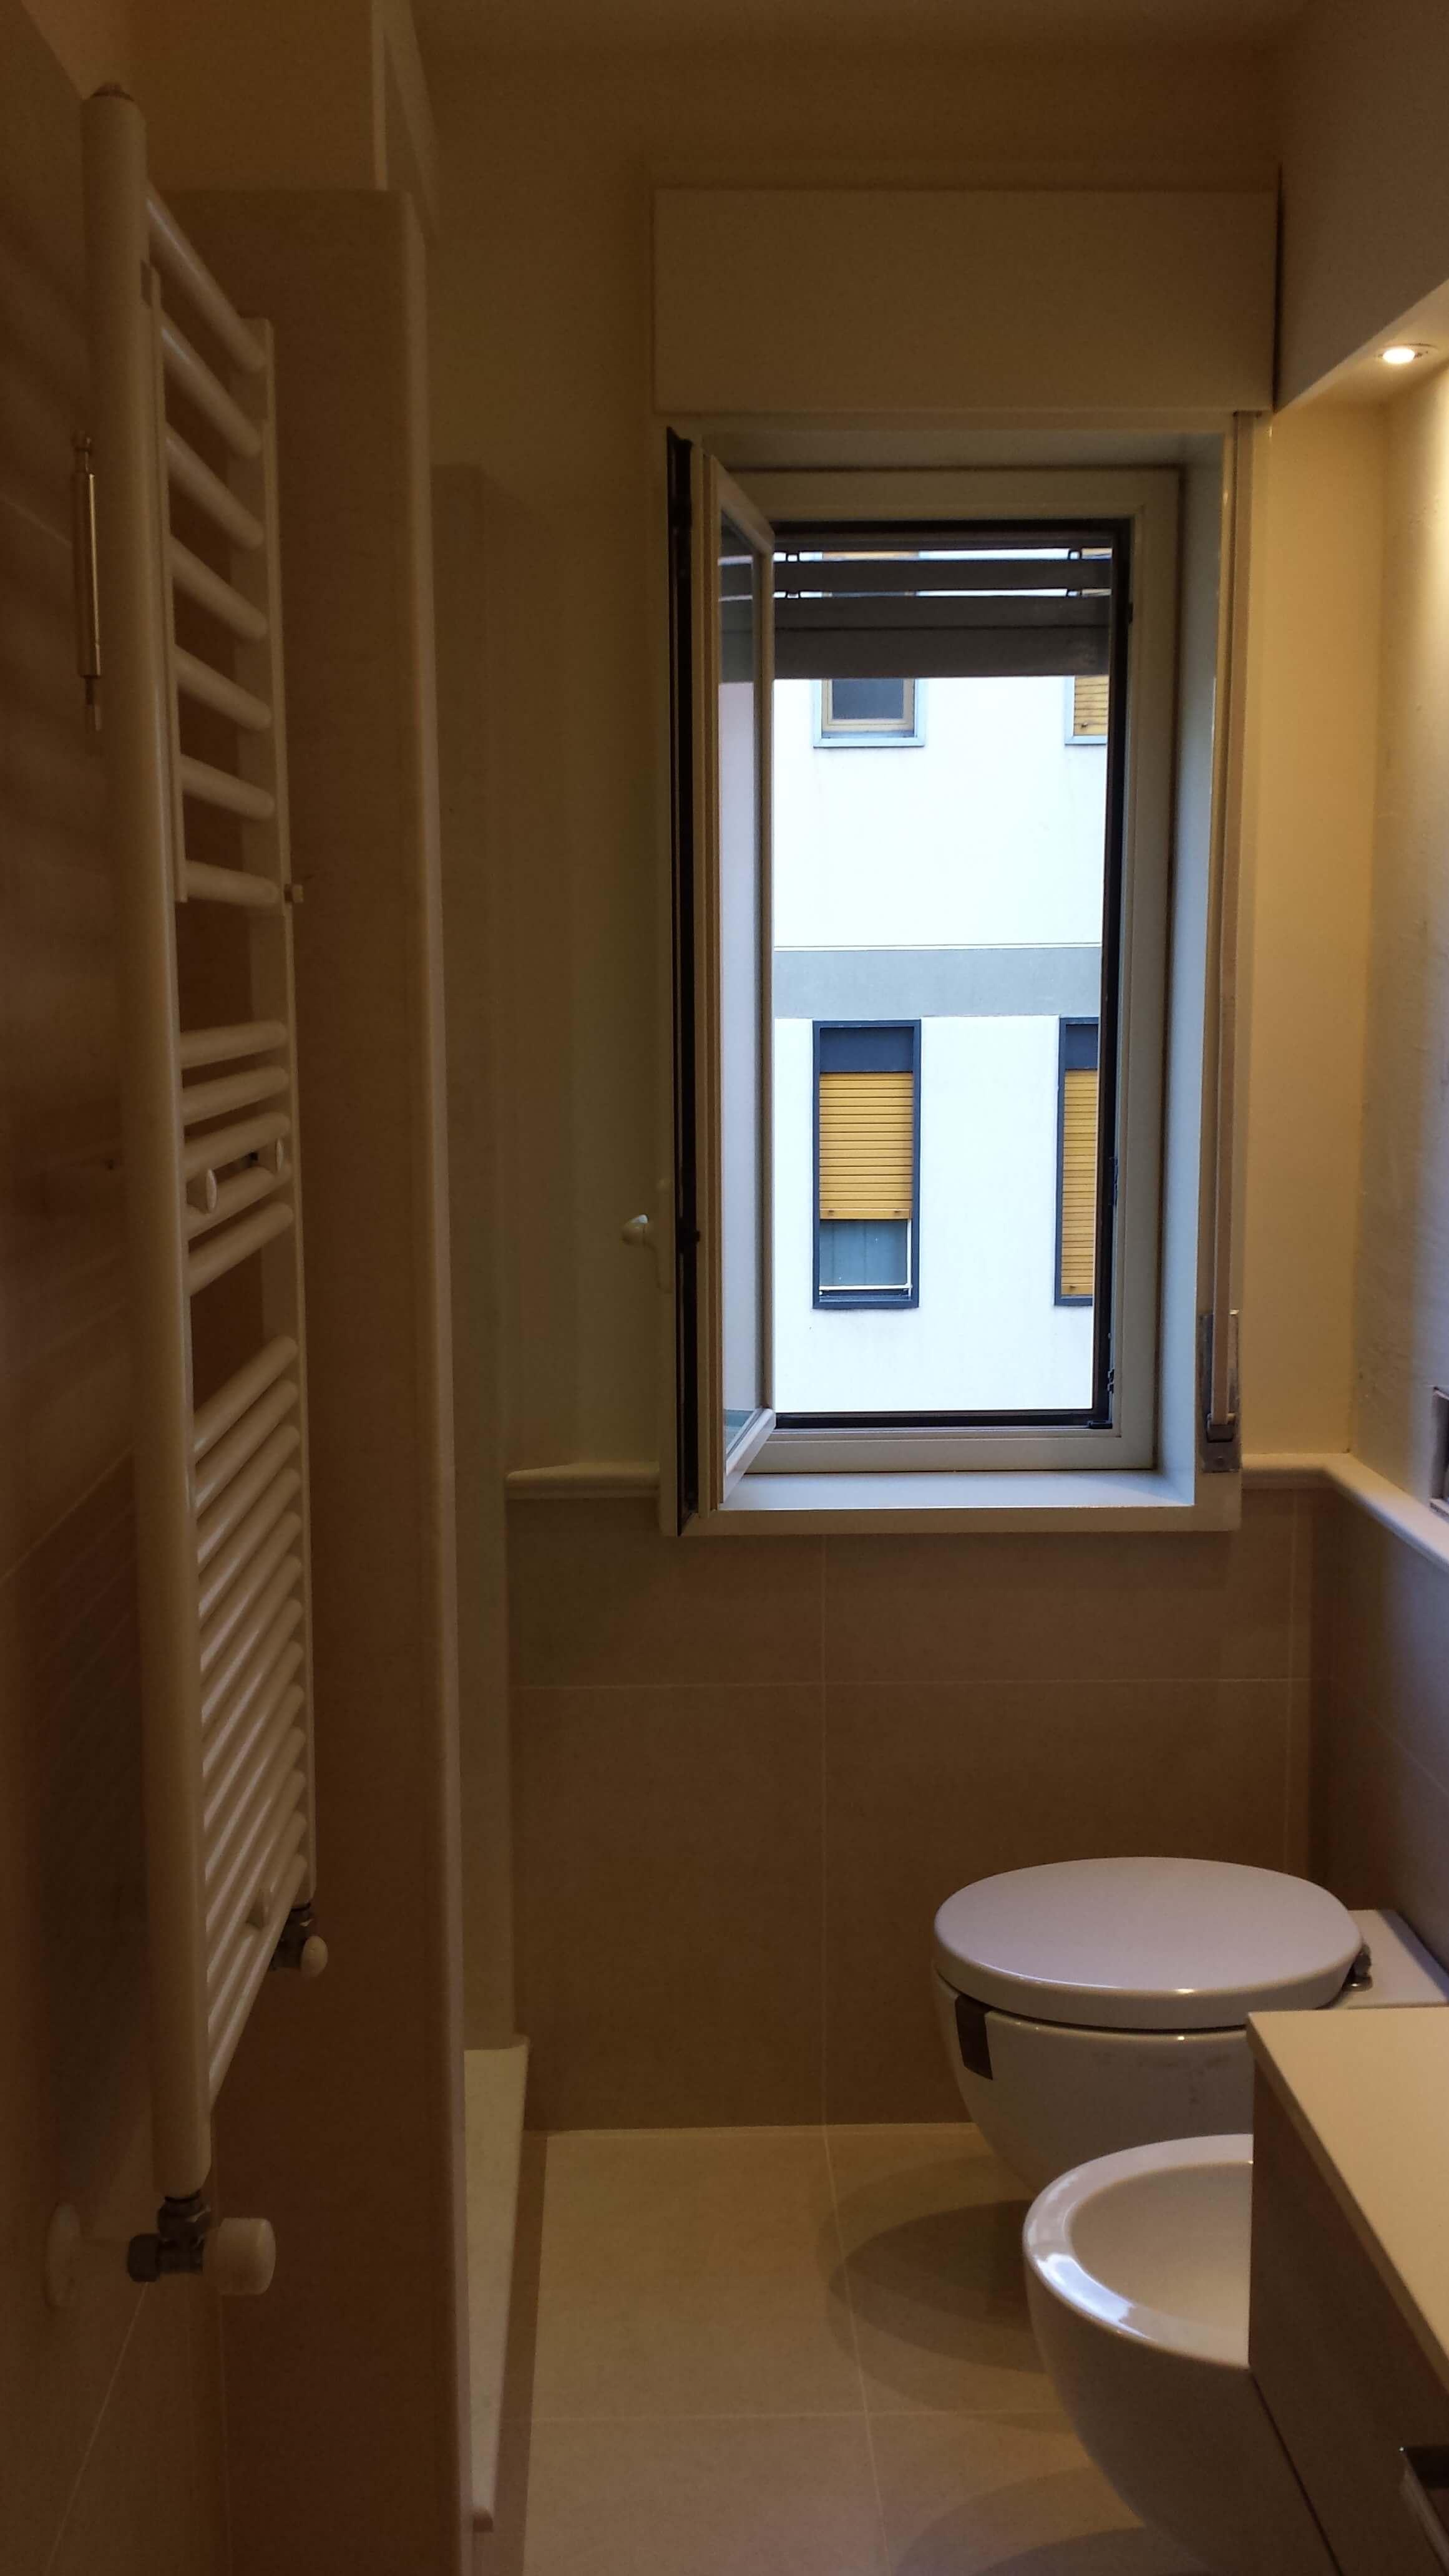 bagno con pareti chiare, scaldasalviette e sanitari